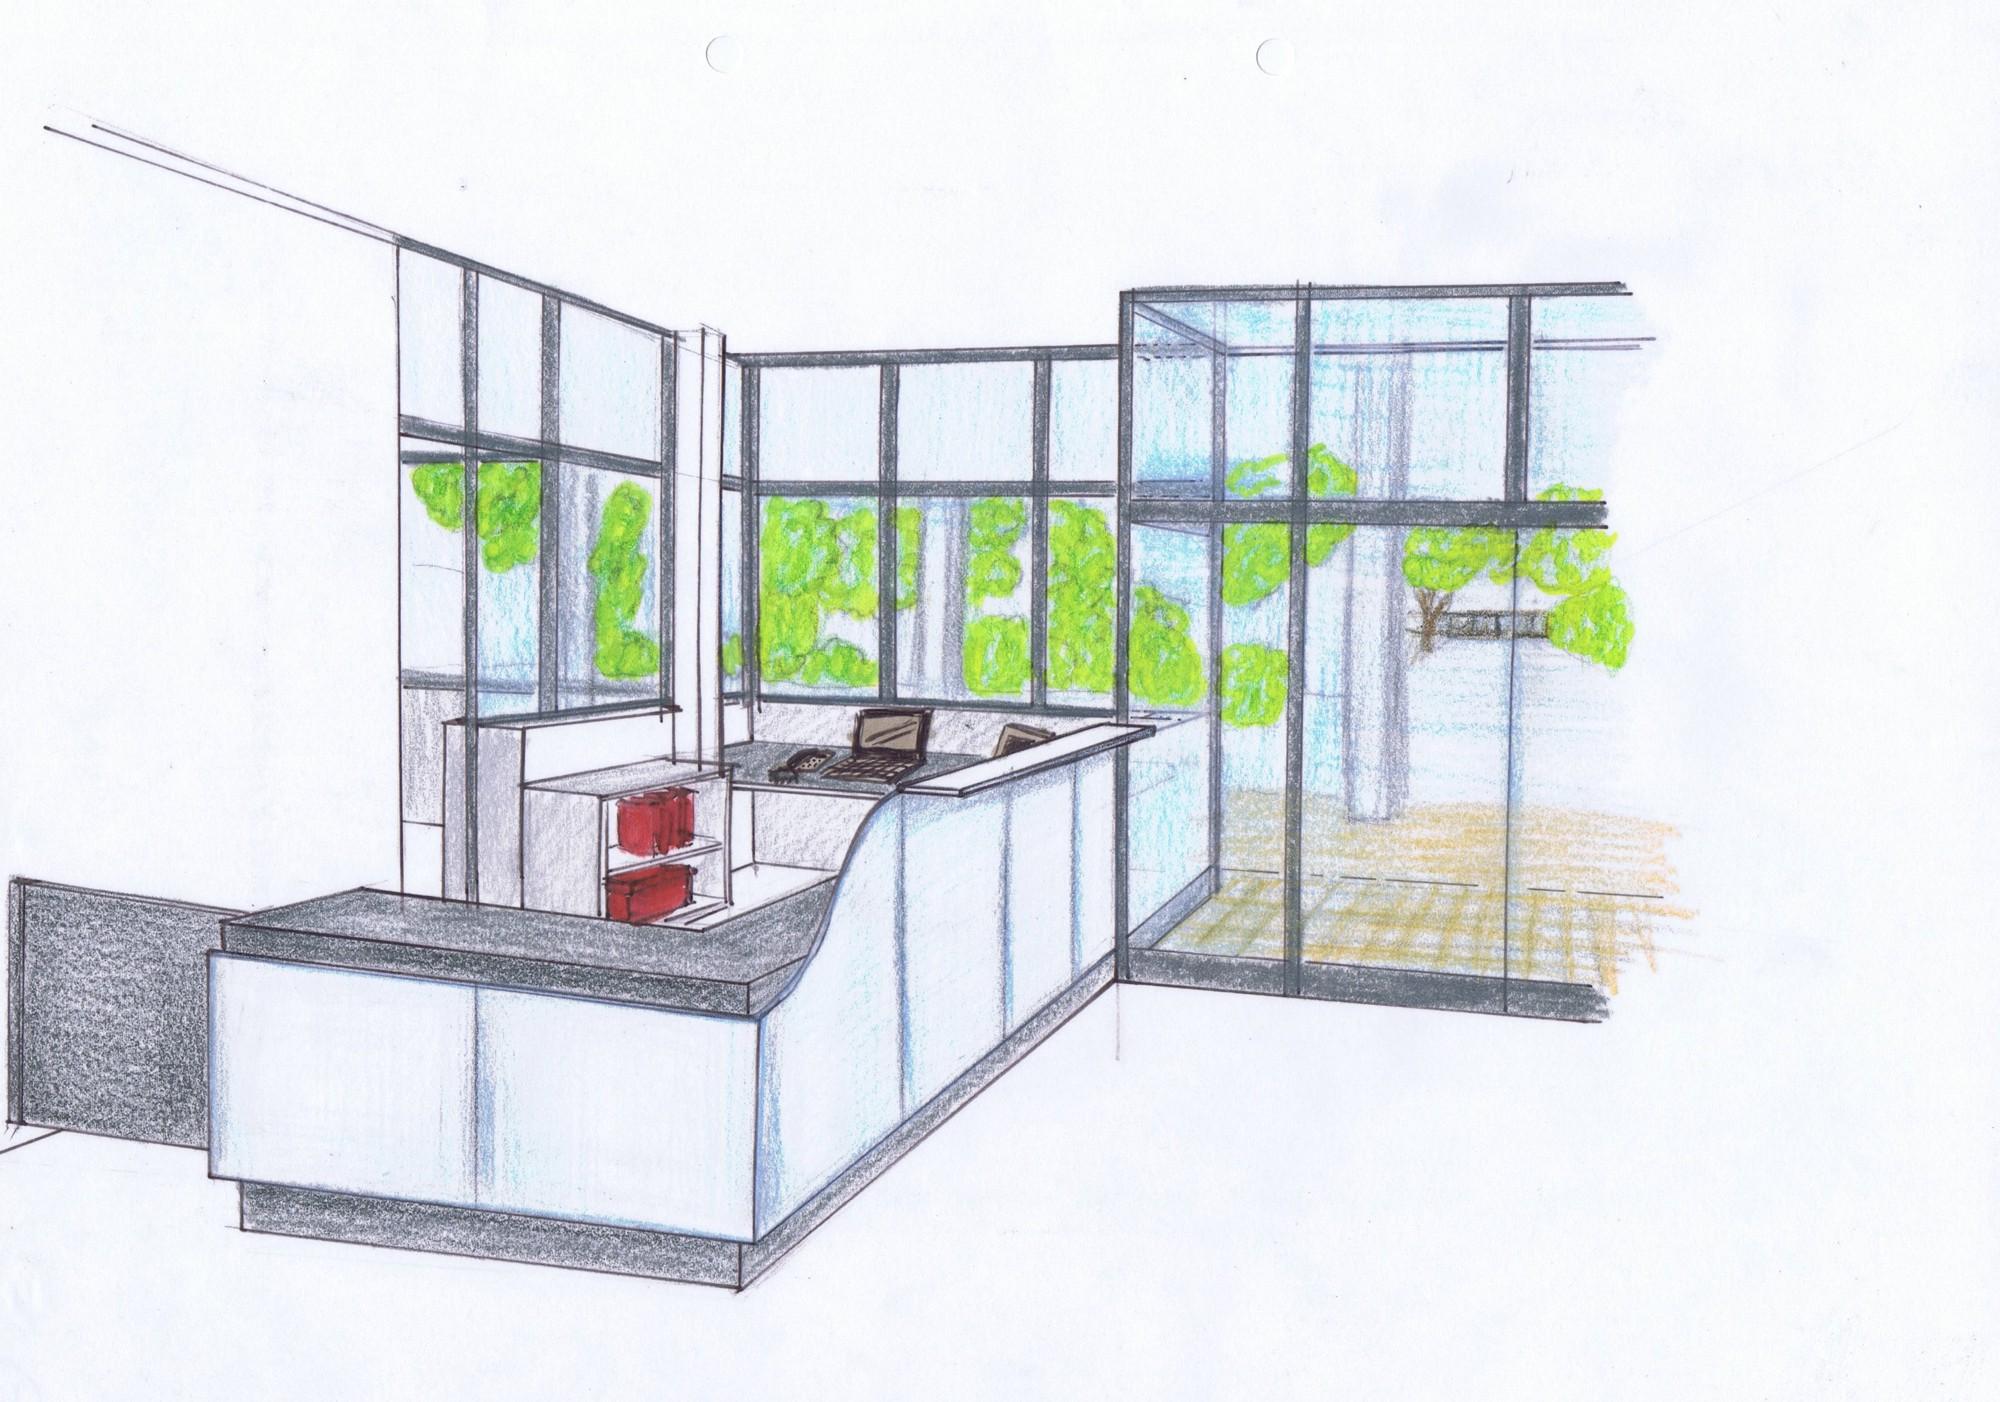 schnurr-die-raummoebelbauer-zeichnung